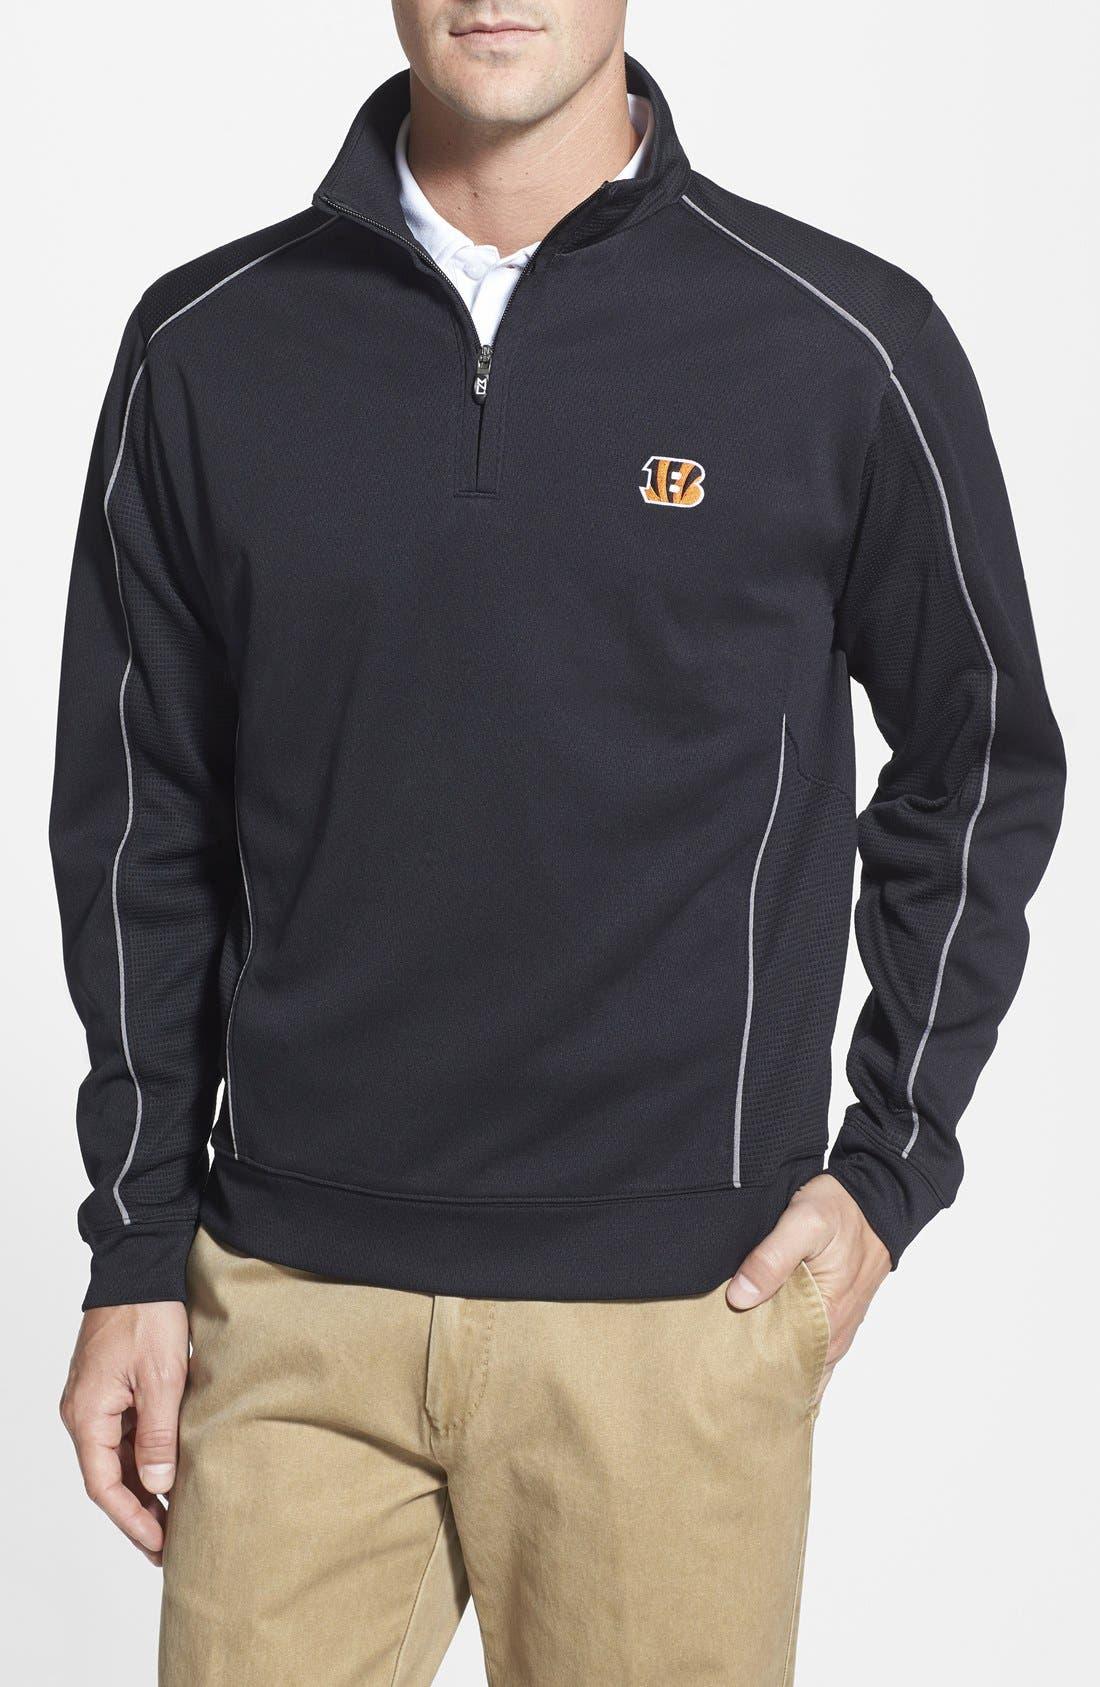 Cincinnati Bengals - Edge DryTec Moisture Wicking Half Zip Pullover,                         Main,                         color, 001